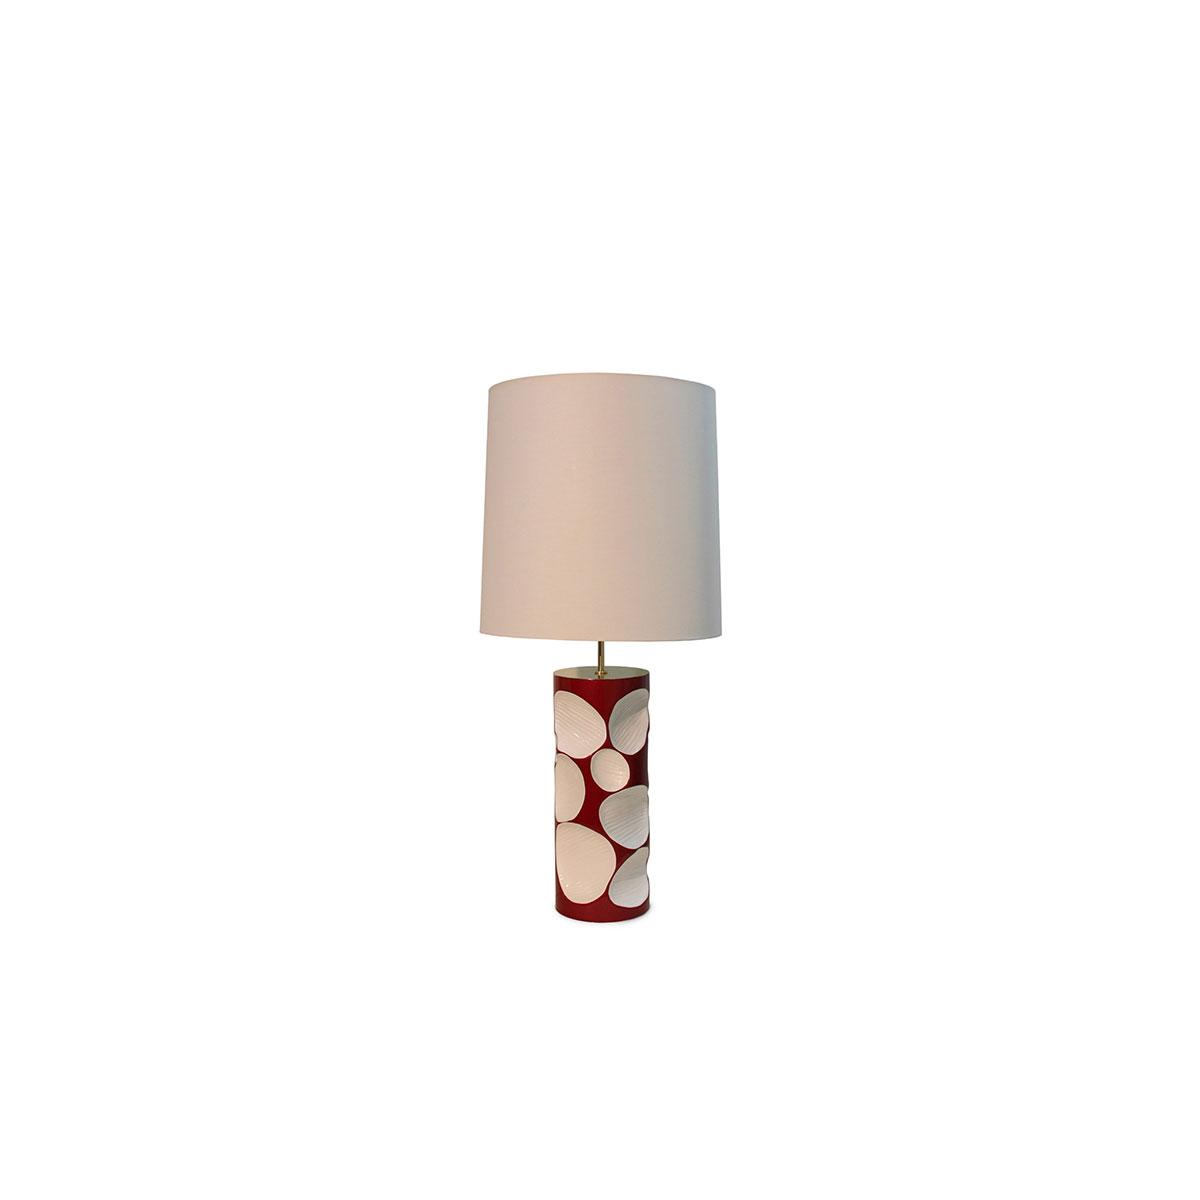 Lámparas de mesa: Ideias poderosas para un proyecto lujuoso lámparas de mesa Lámparas de mesa: Ideias poderosas para un proyecto lujuoso BRABBU AMIK TABLE LAMP